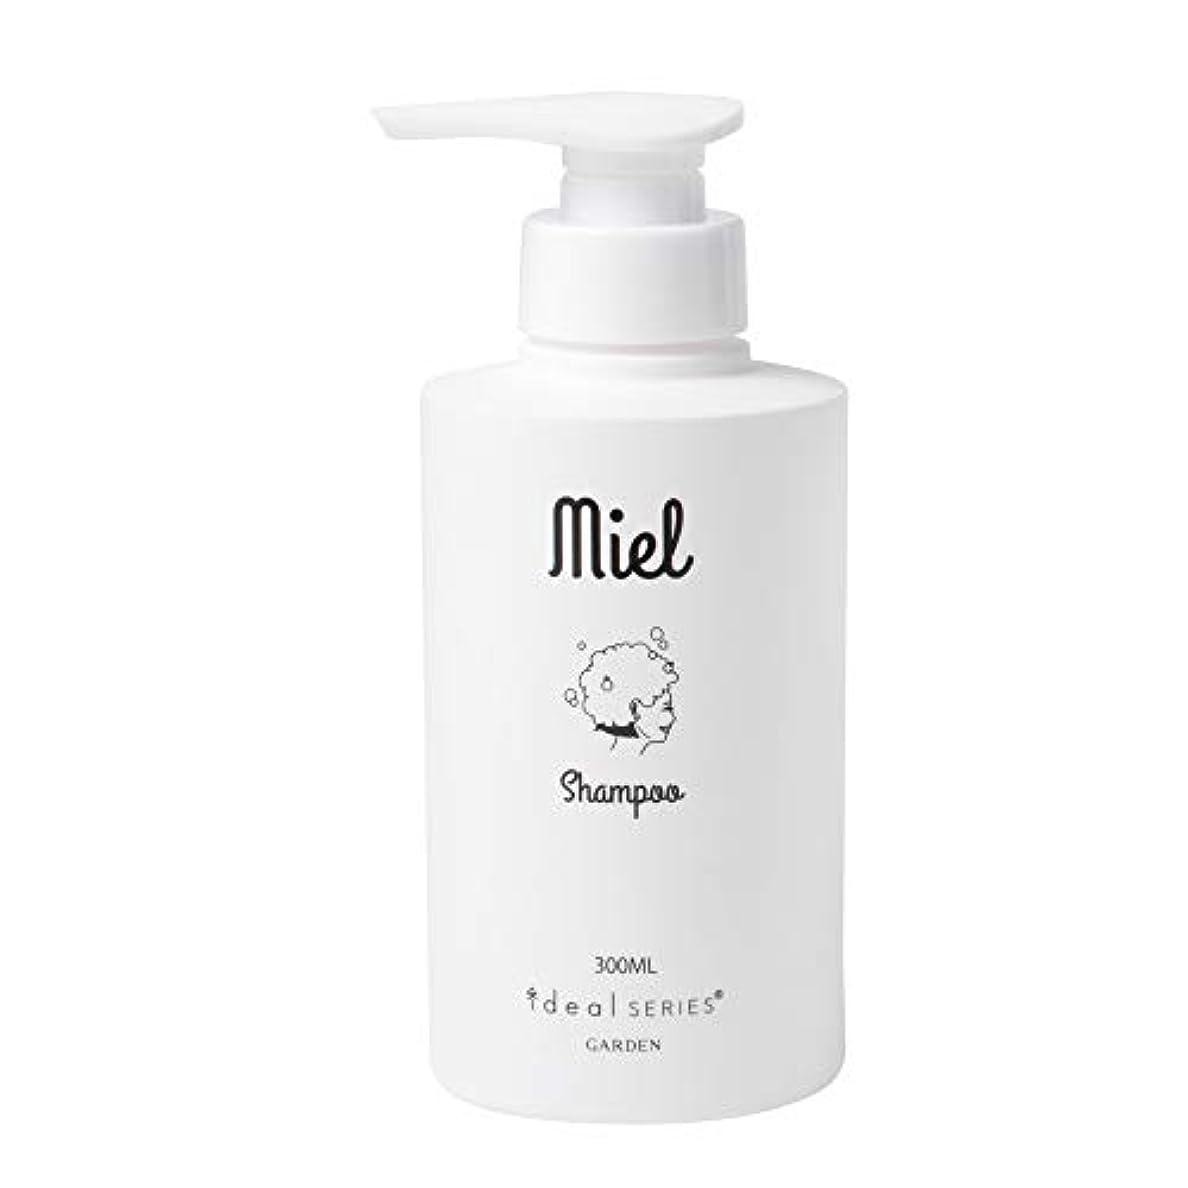 人物物理的な消毒剤GARDEN ideal SERIES (イデアルシリーズ) miel シャンプー 300ml